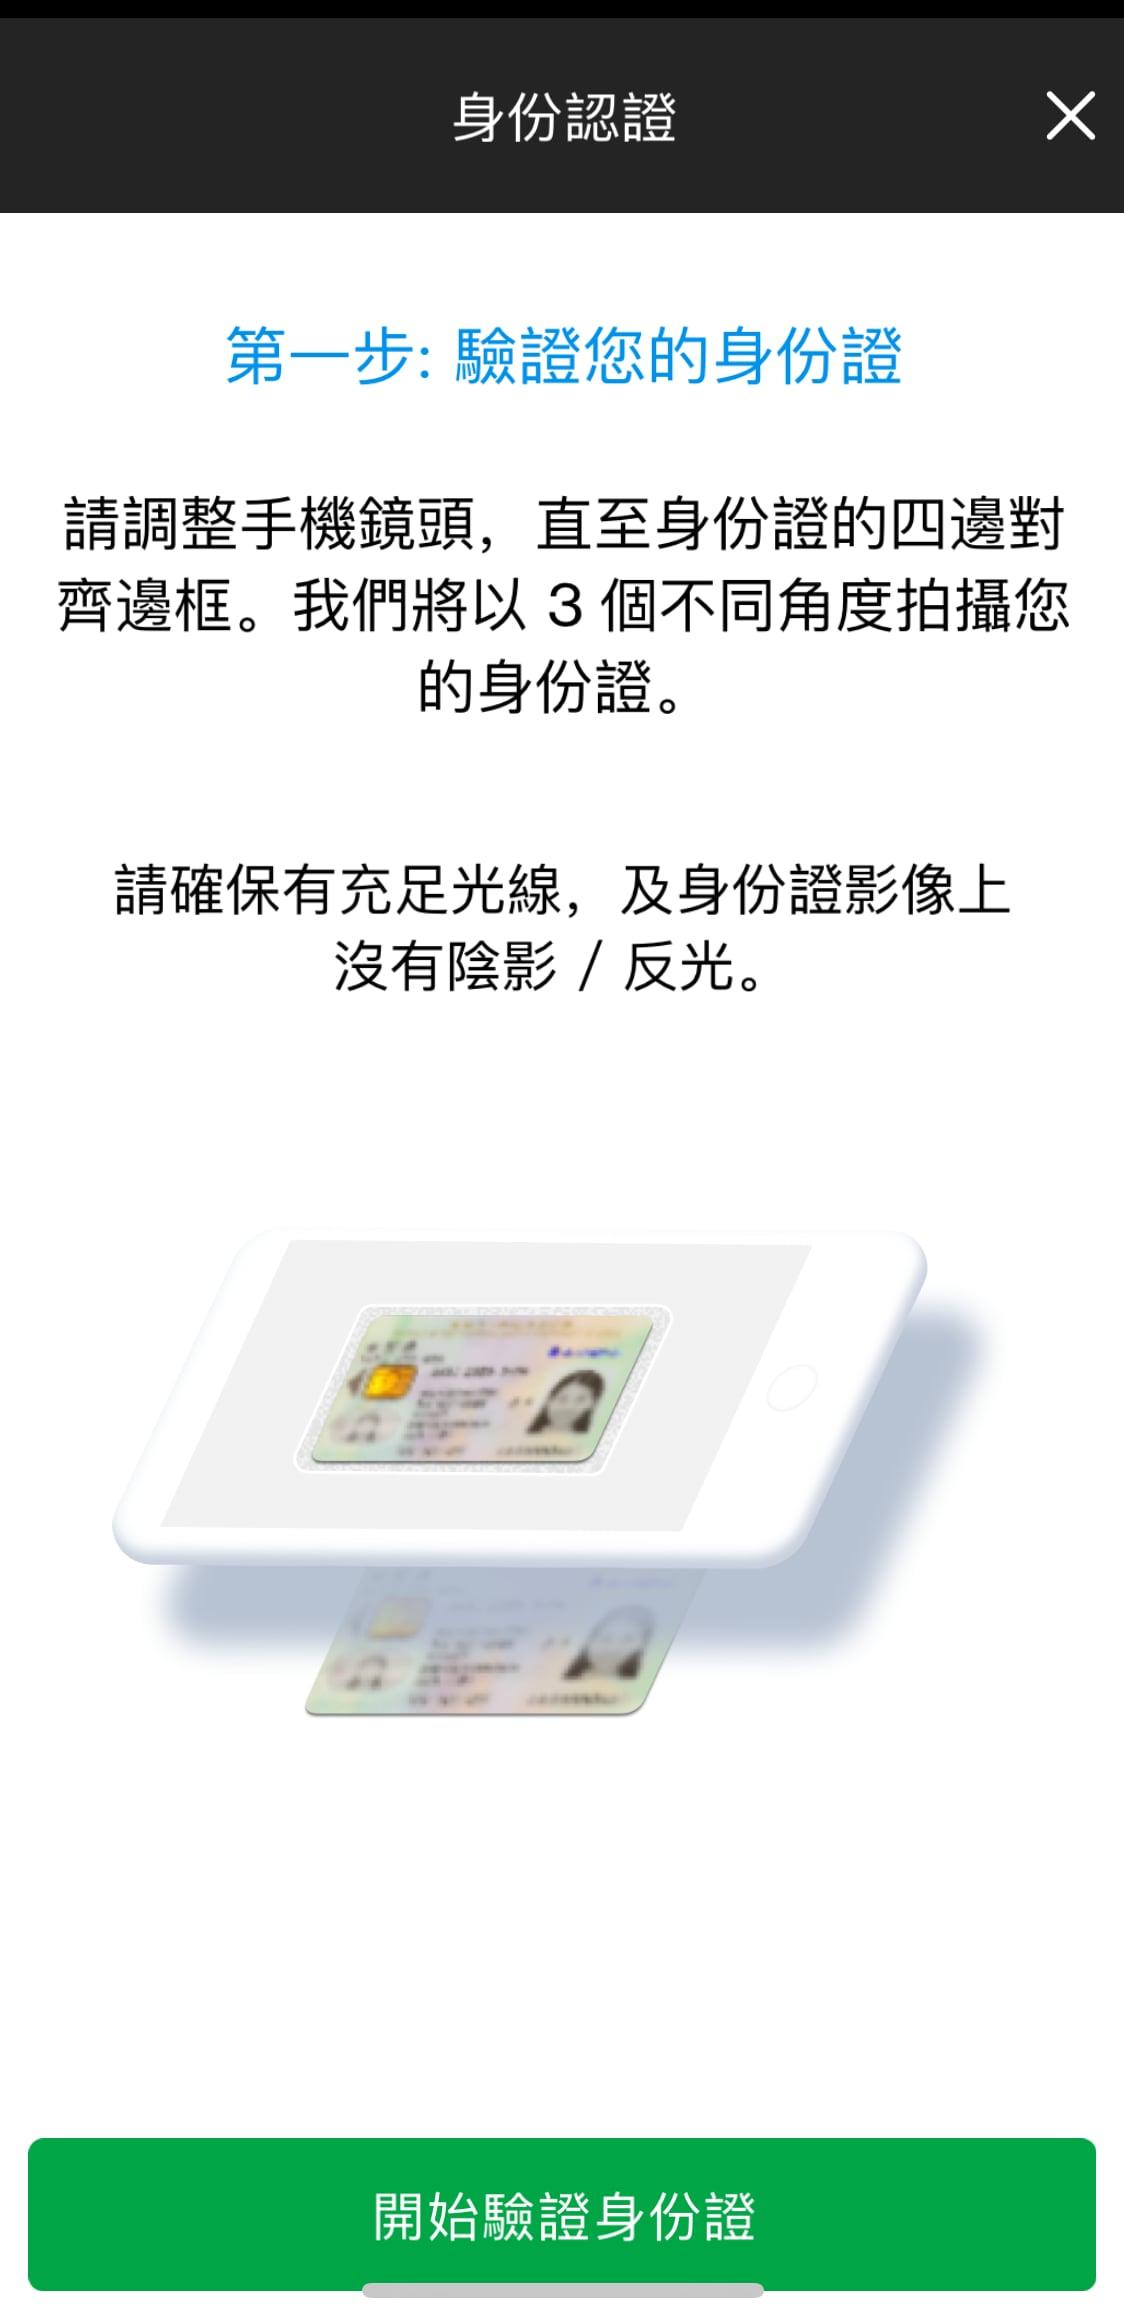 以手機替您的香港身份證拍攝3張不同角度的照片